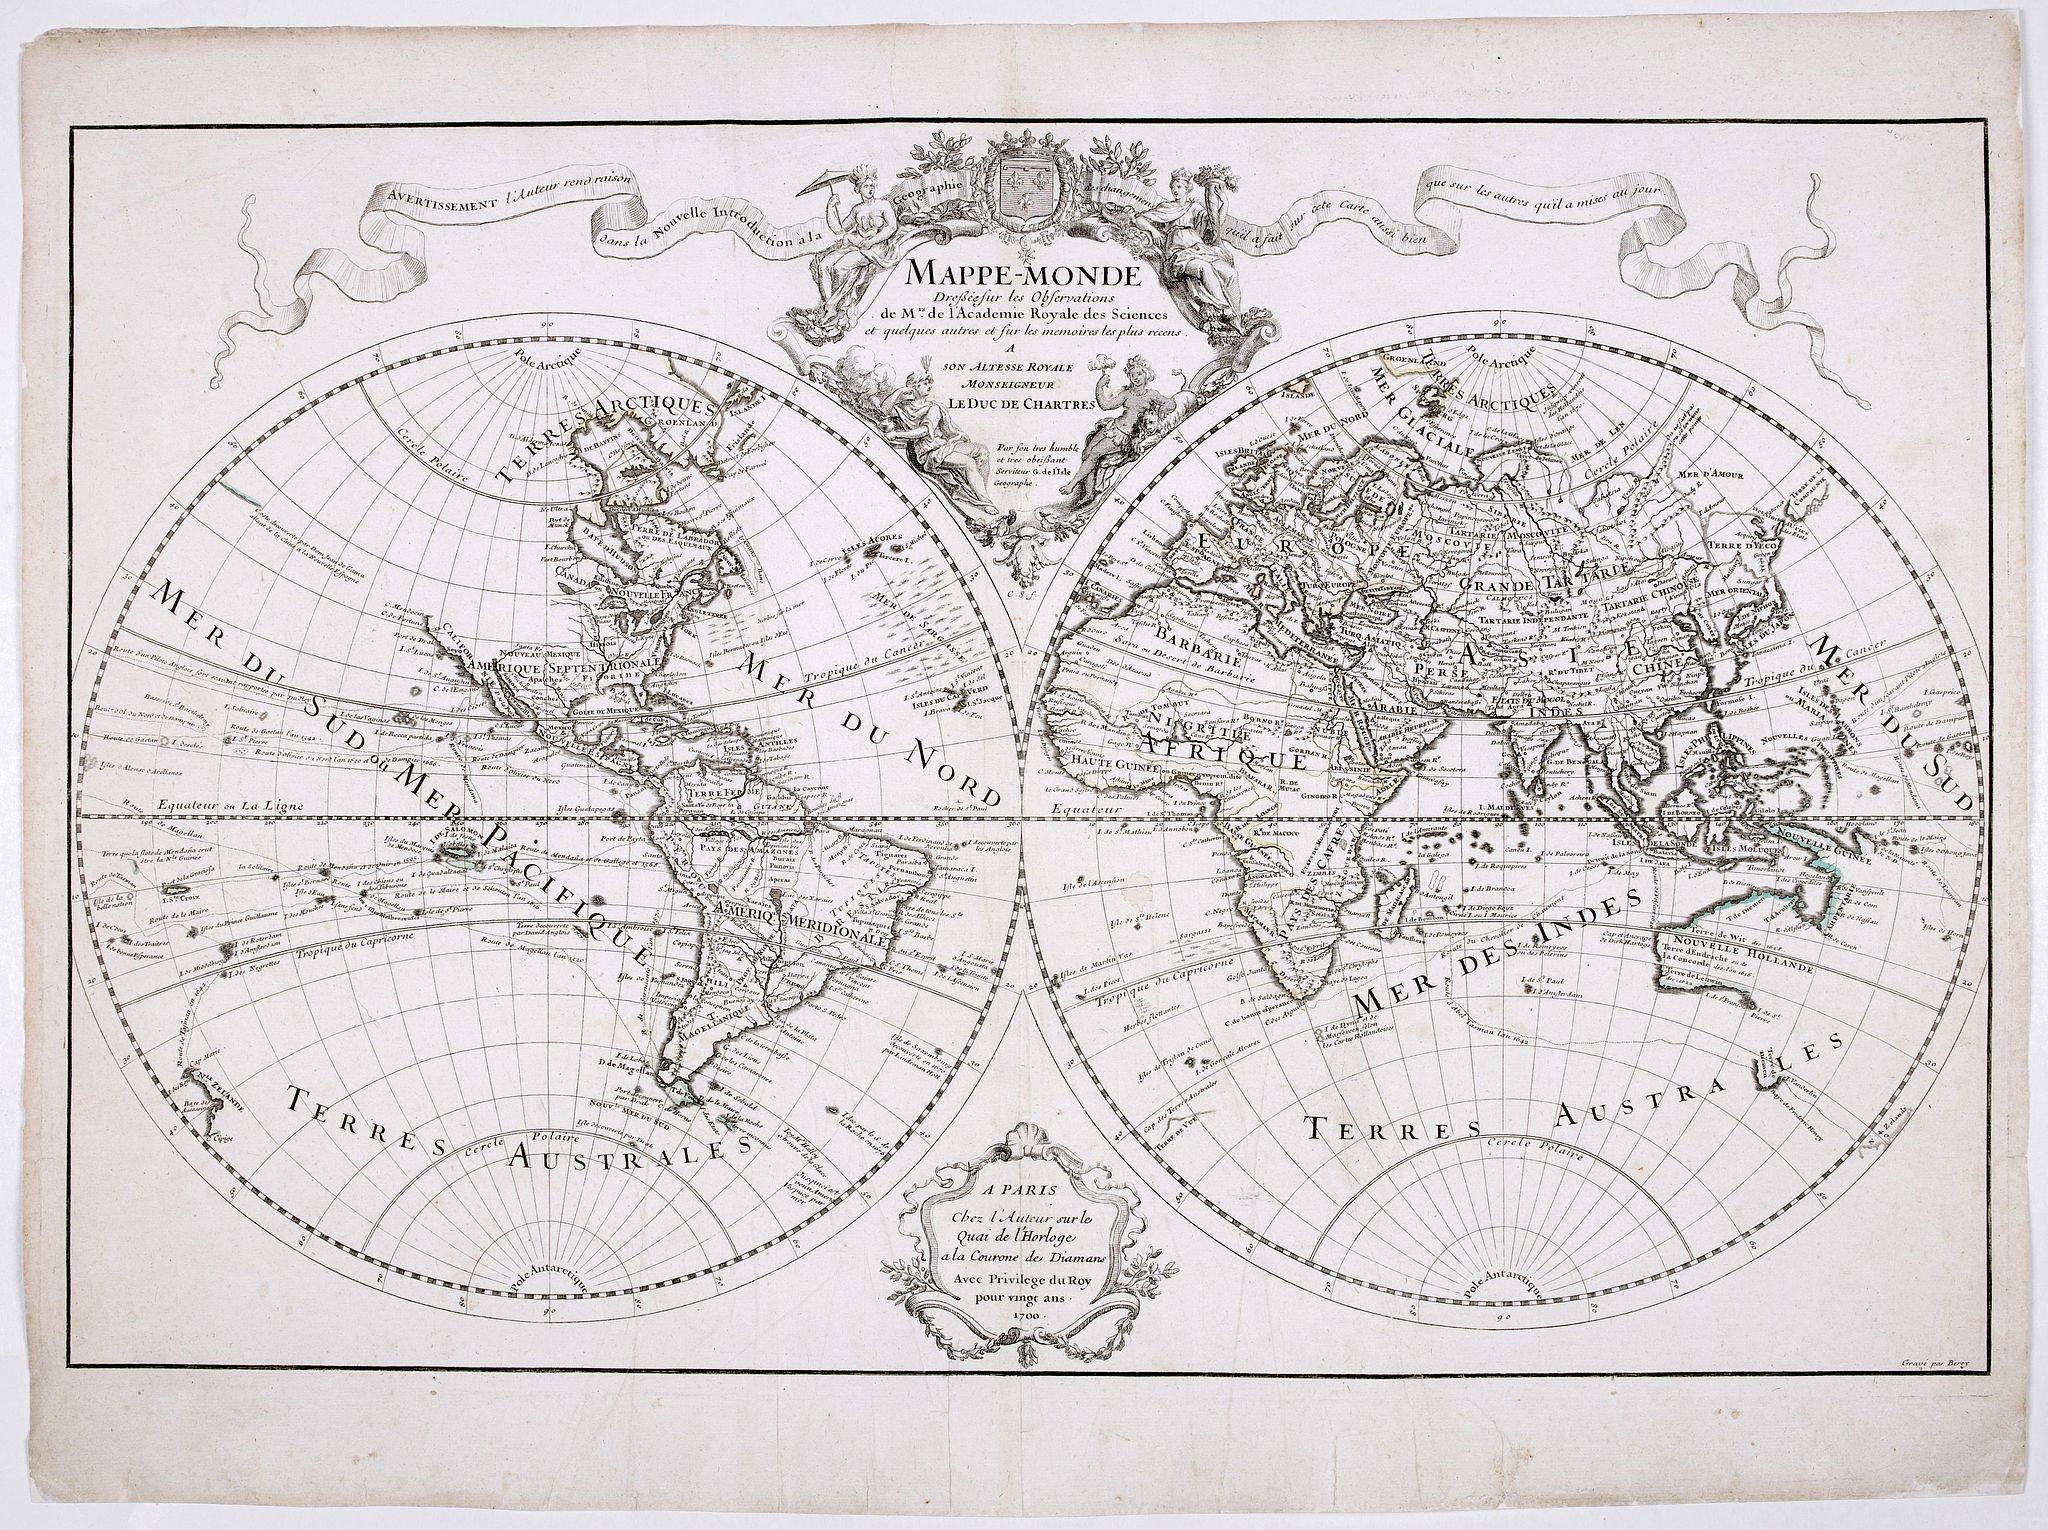 DE L'ISLE, G. -  Mappe-Monde dressée sur les observations de M.rs. De L'Academie Royale des Sciences ..